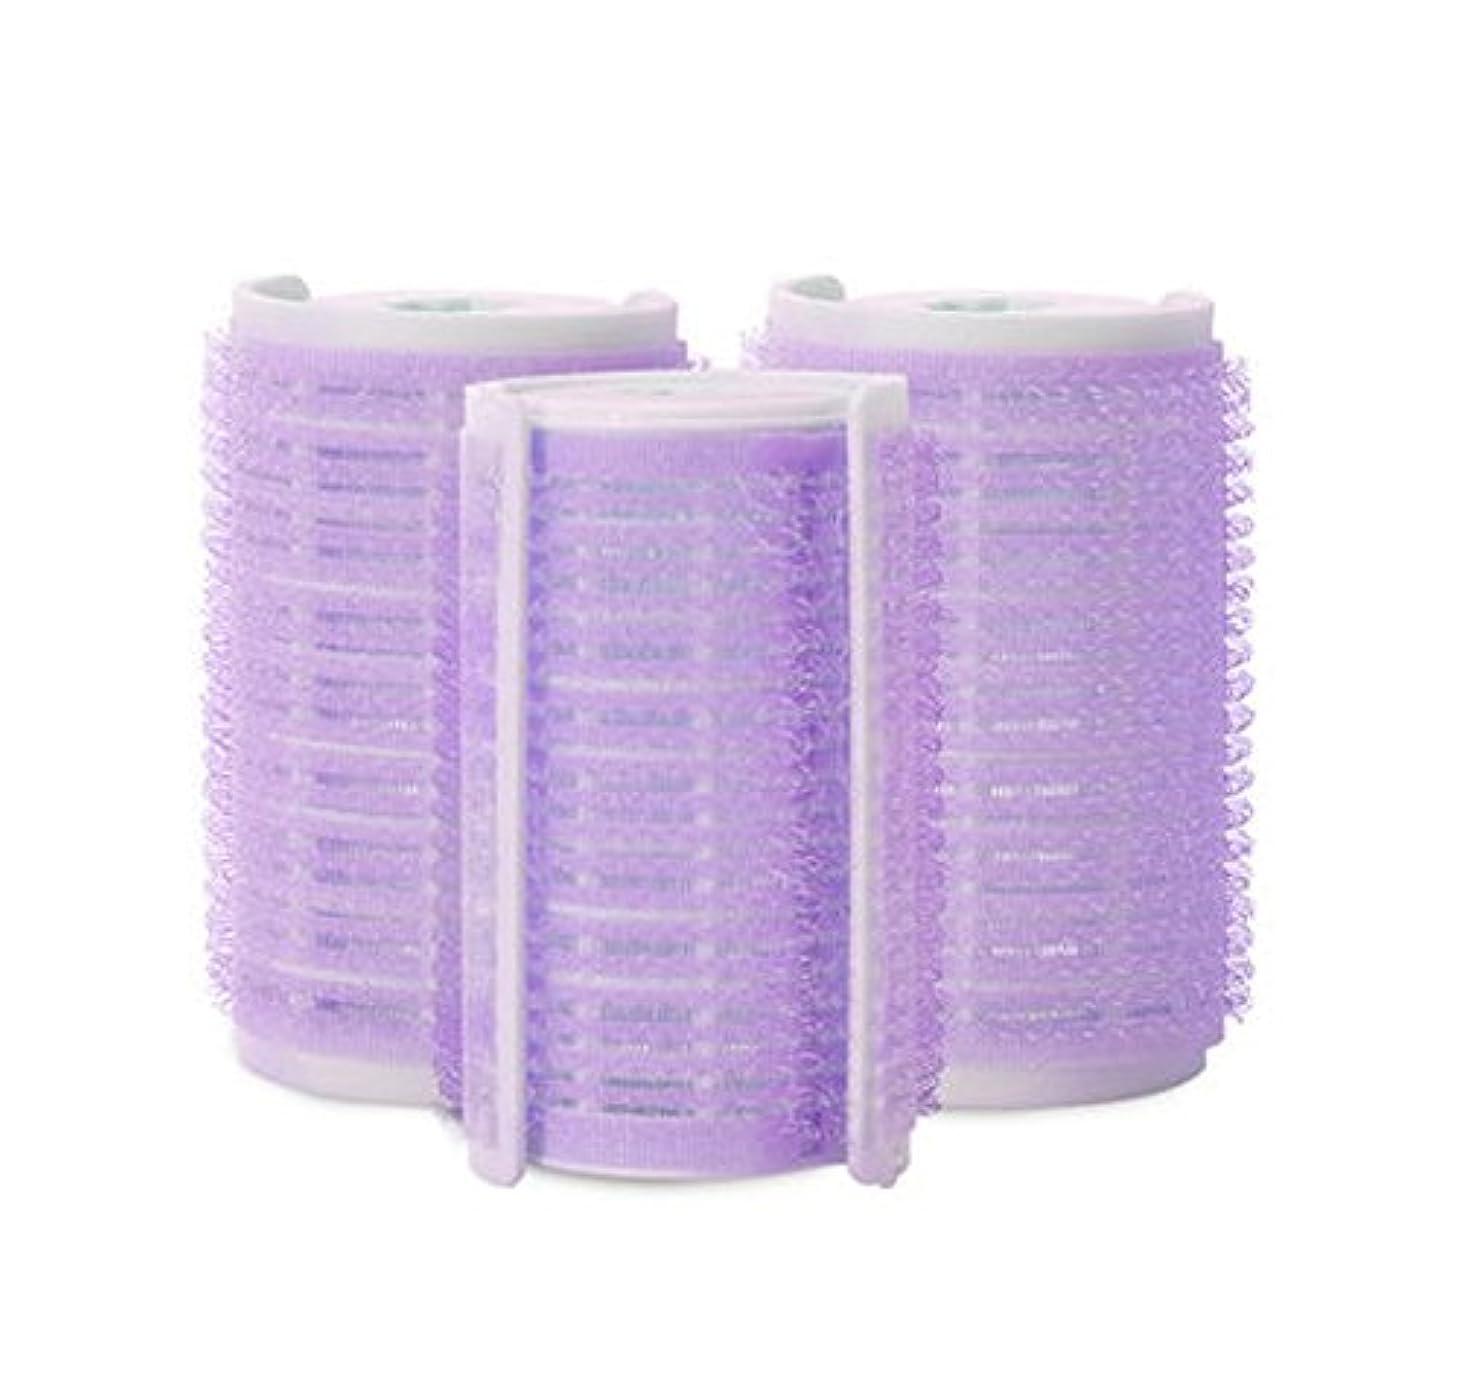 せっかち論理的許可プラスチック製のDIYグリップ粘着ヘアローラーカーラーヘアドレス、3ピース-W2